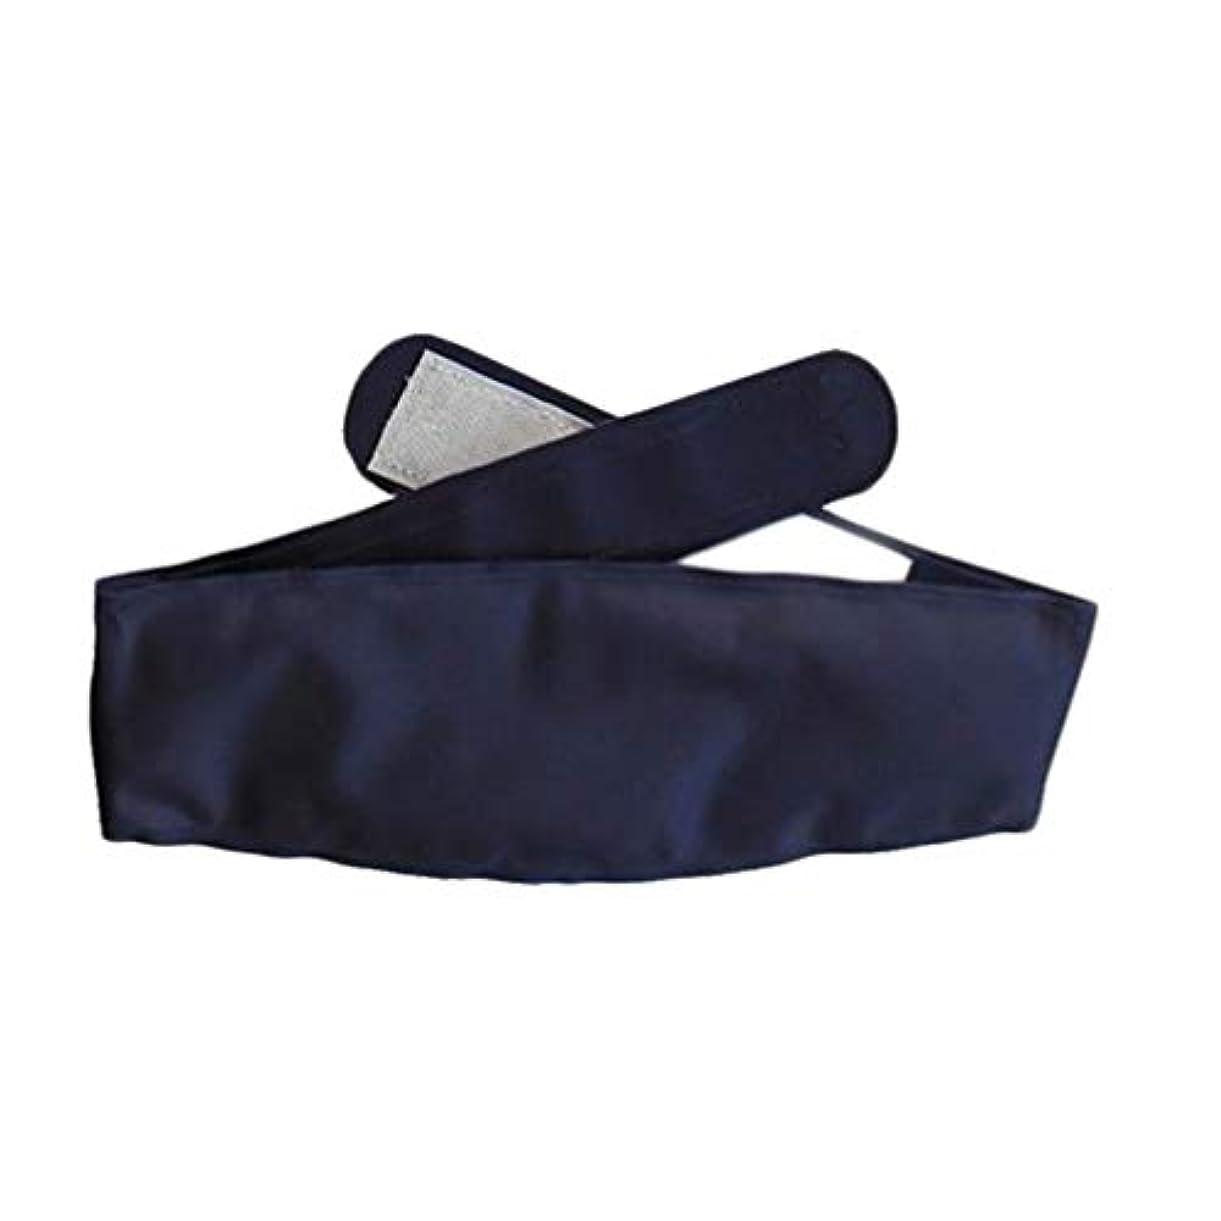 デモンストレーション遠い無駄なSUPVOX ウェアラブルアイスパック頭痛アイスバッグラップショルダーバック膝の痛みを軽減